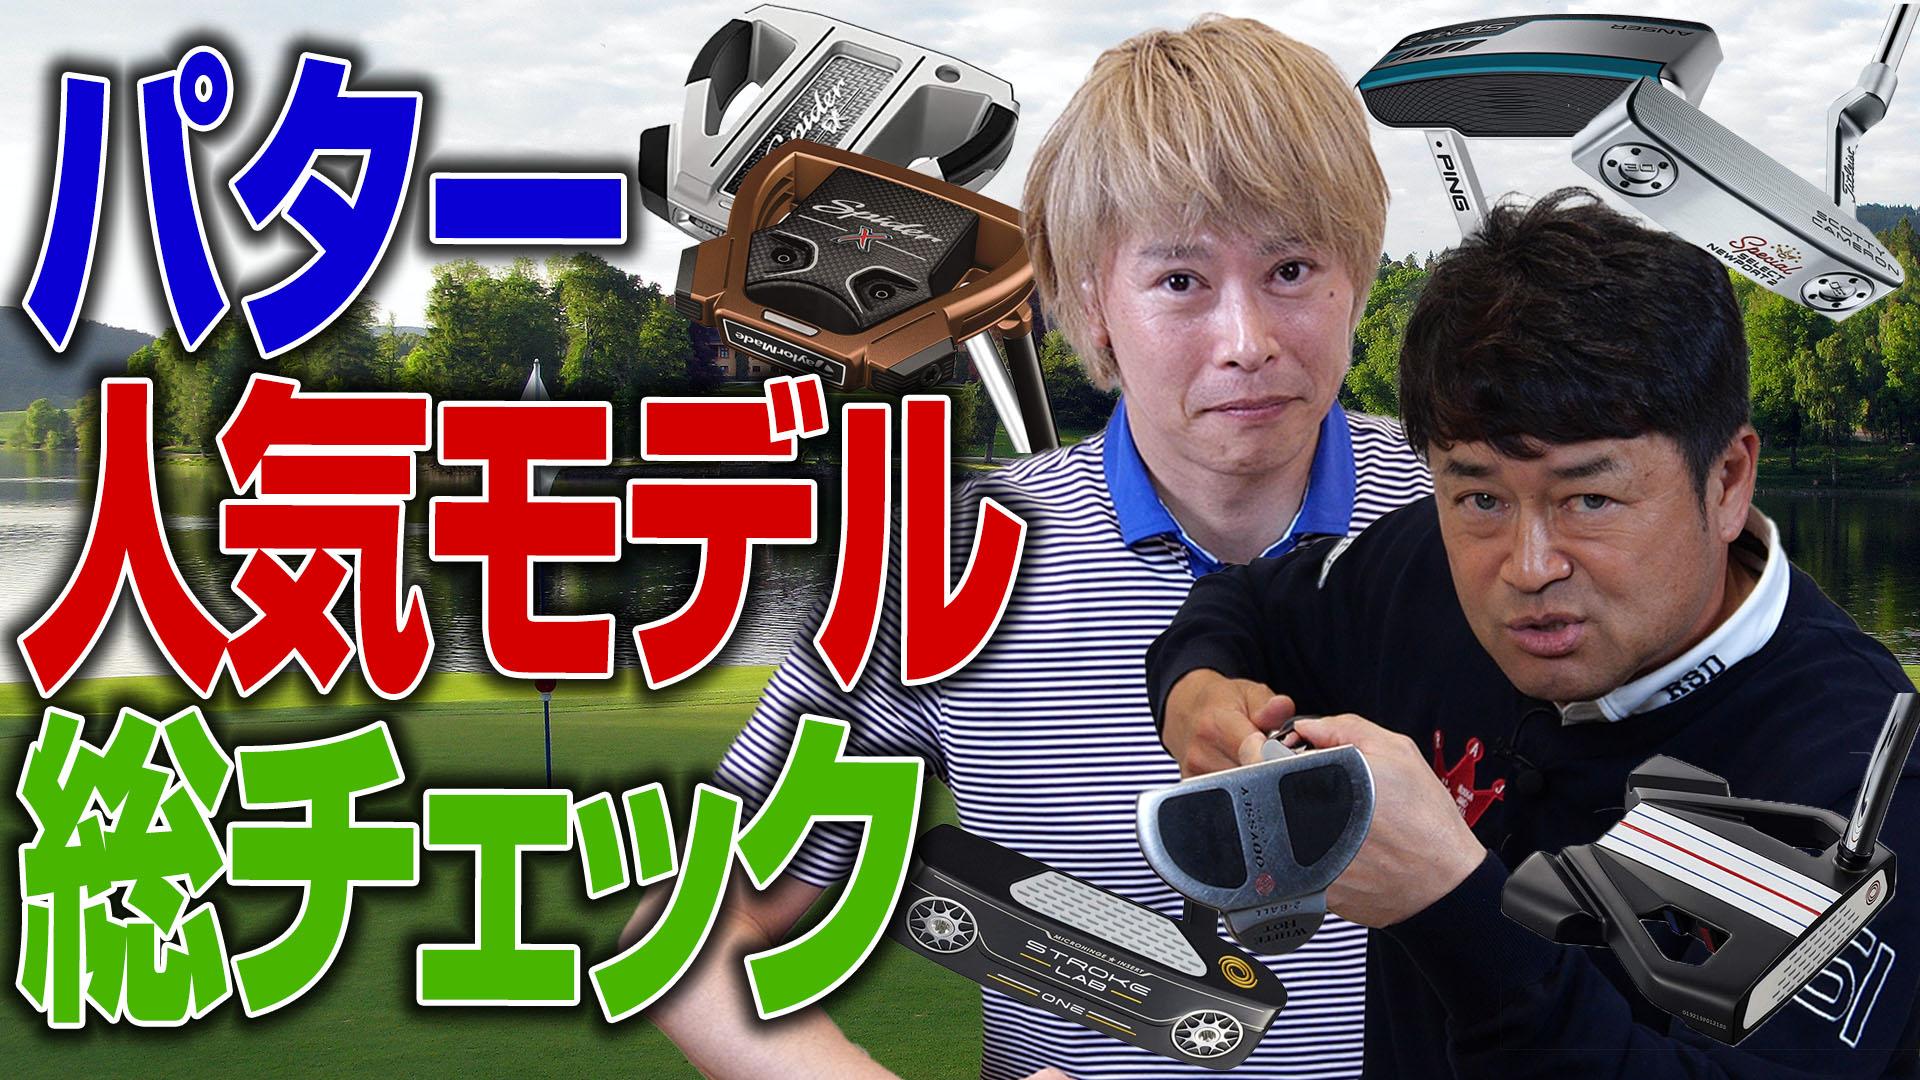 【スポナビGolf特別企画】横田真一プロと人気パターを語る!